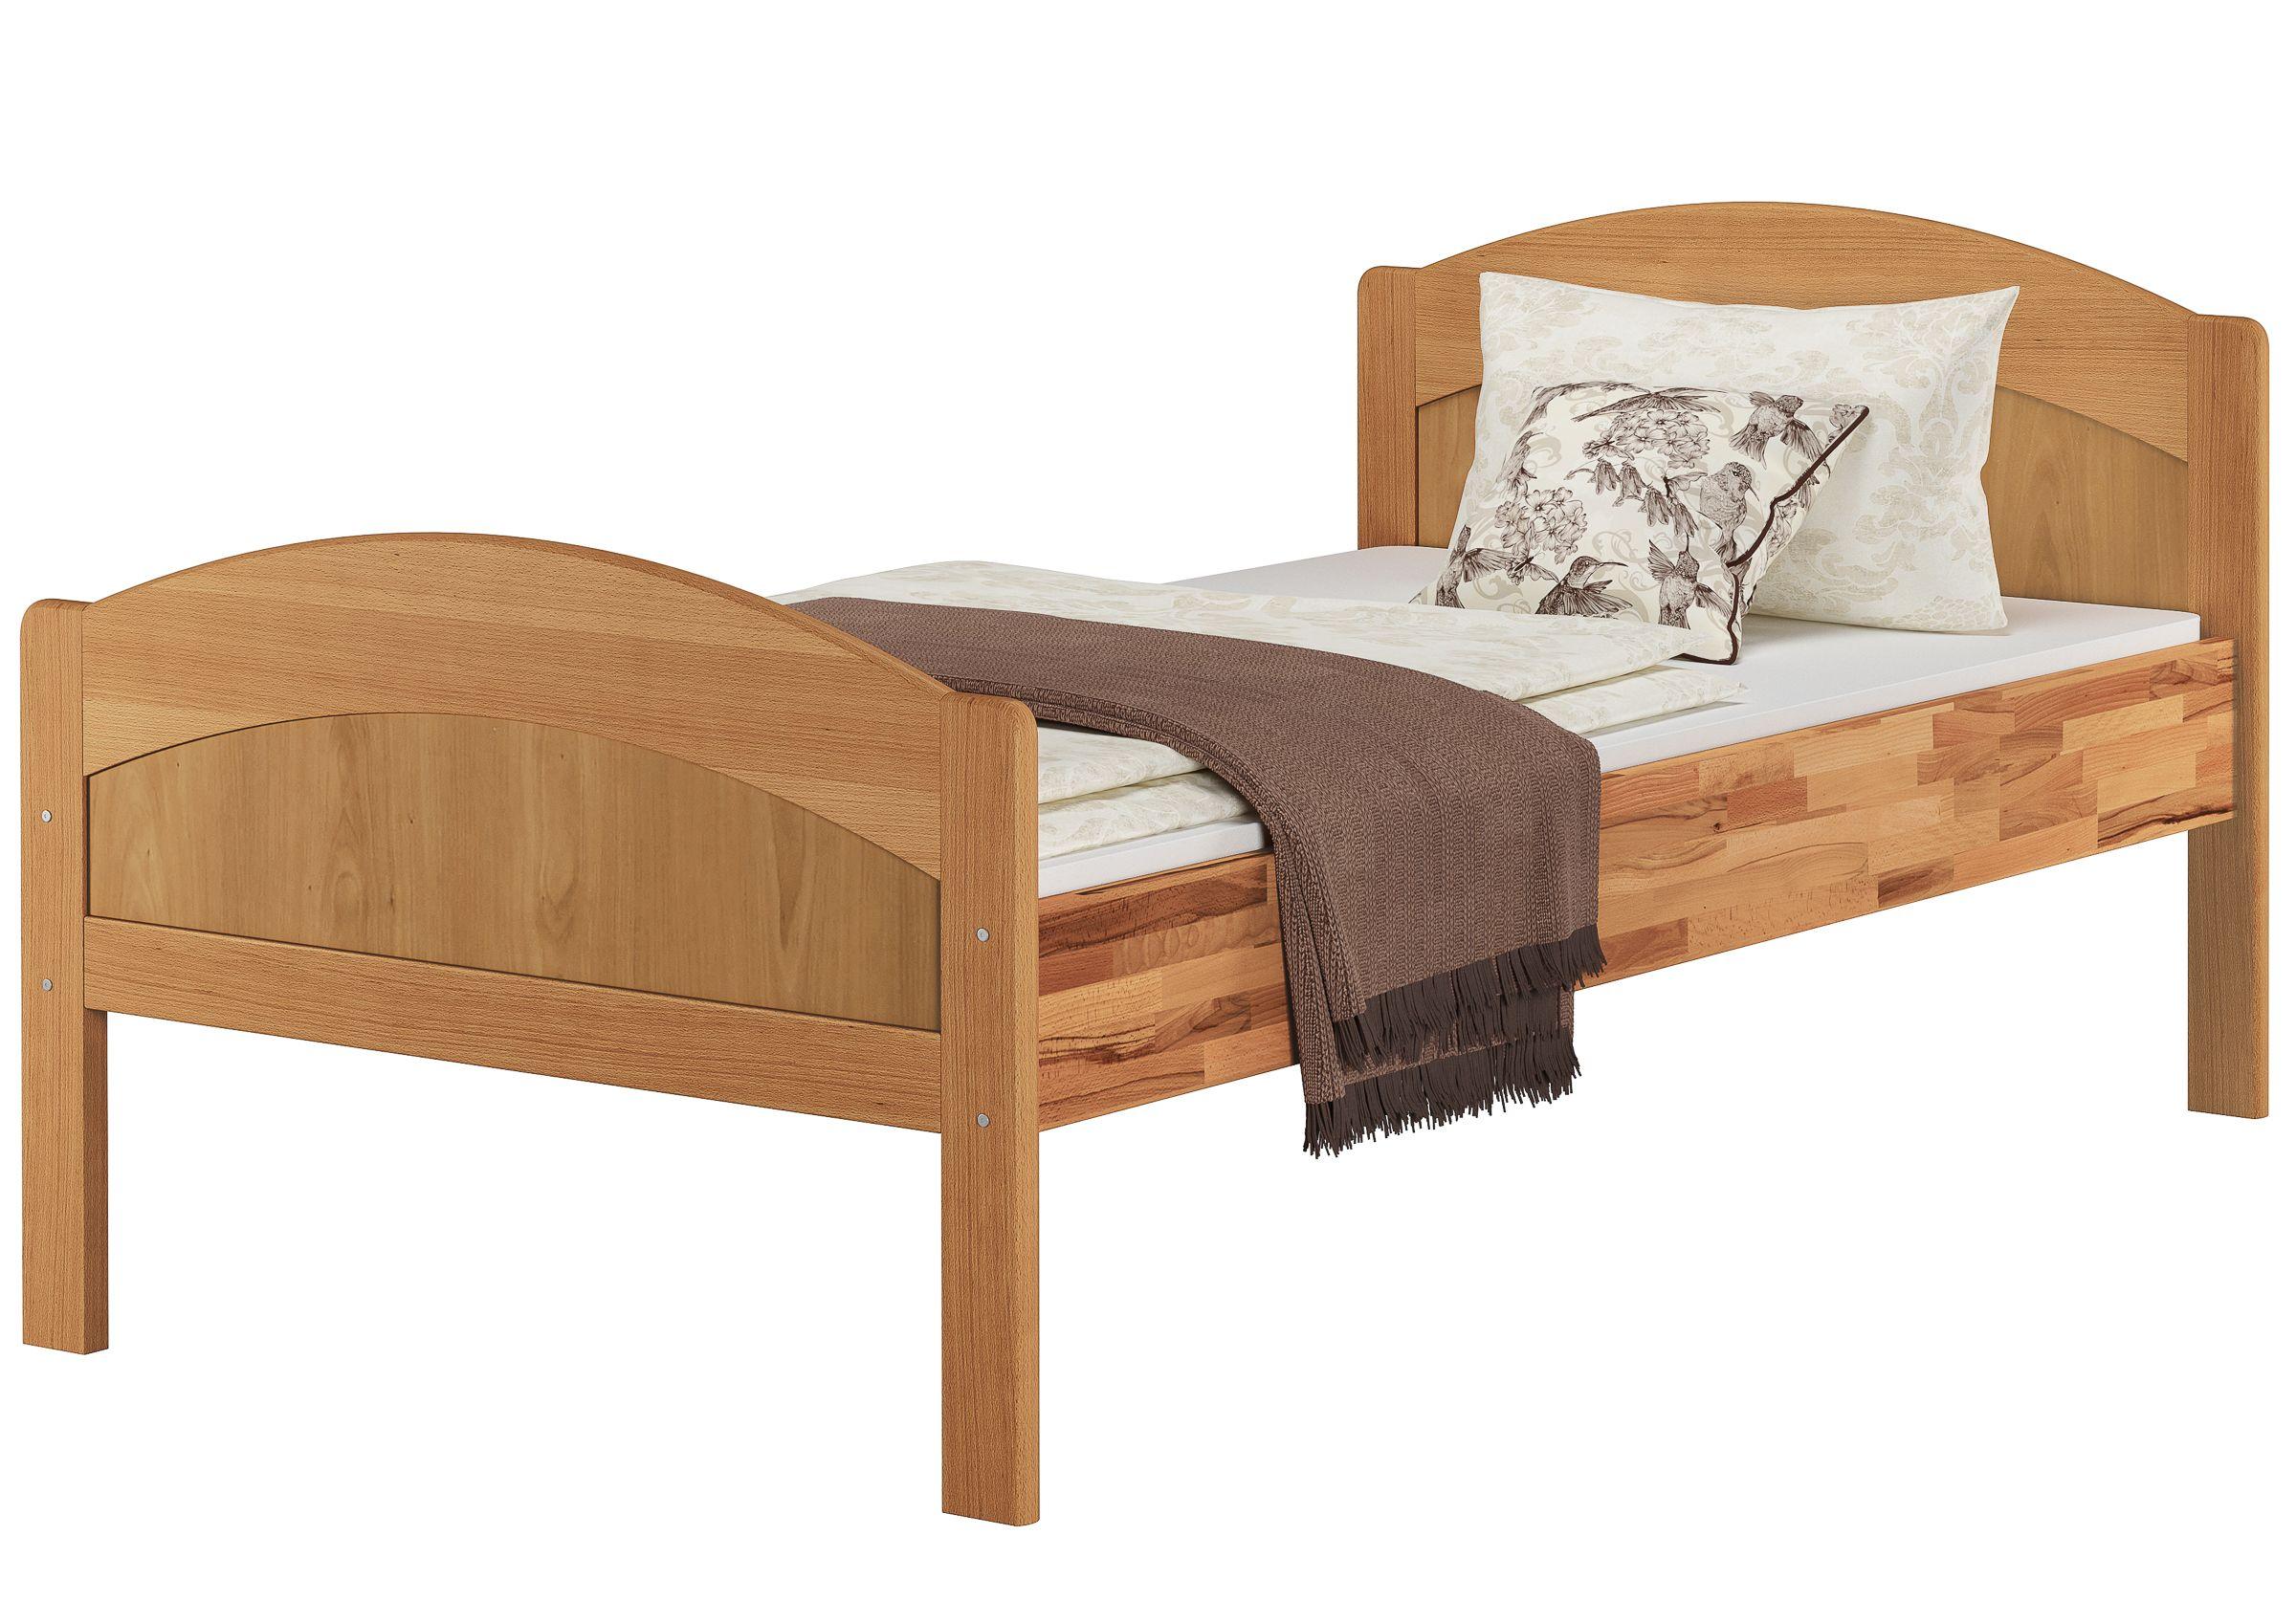 Seniorenbett mit einer komfortablen Einstiegshöhe von 48